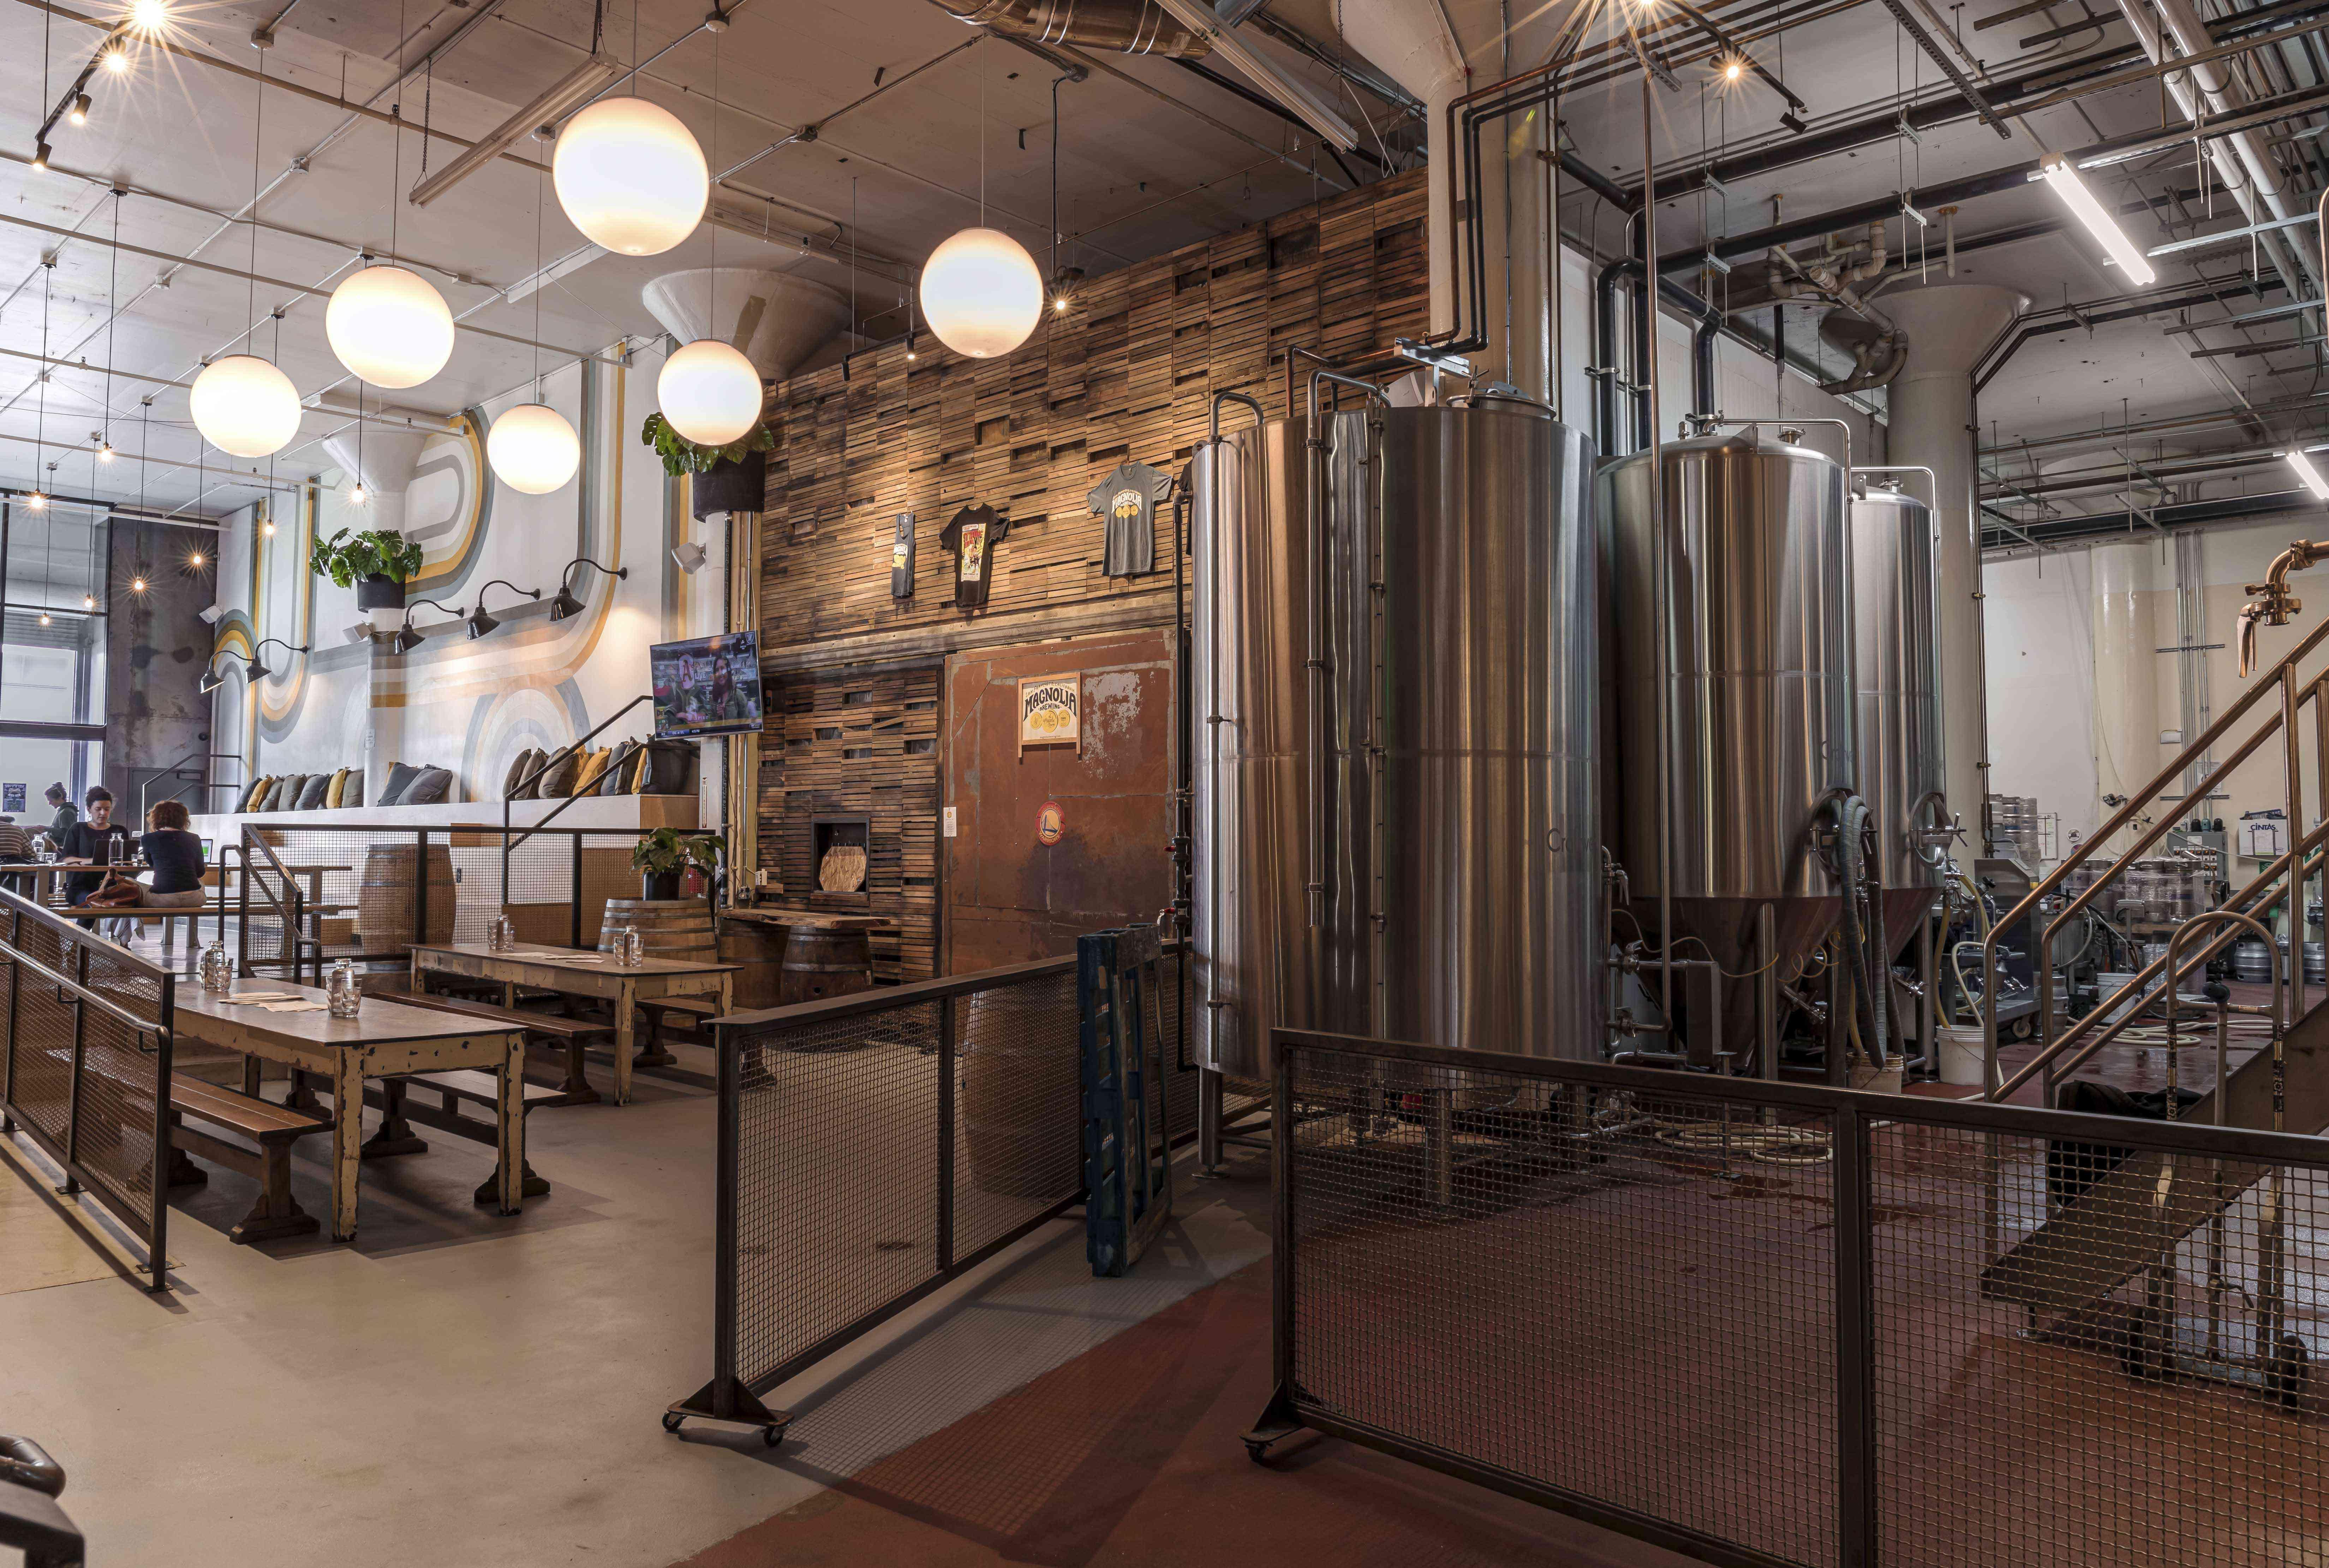 Magnolia Brewing Company, San Francisco